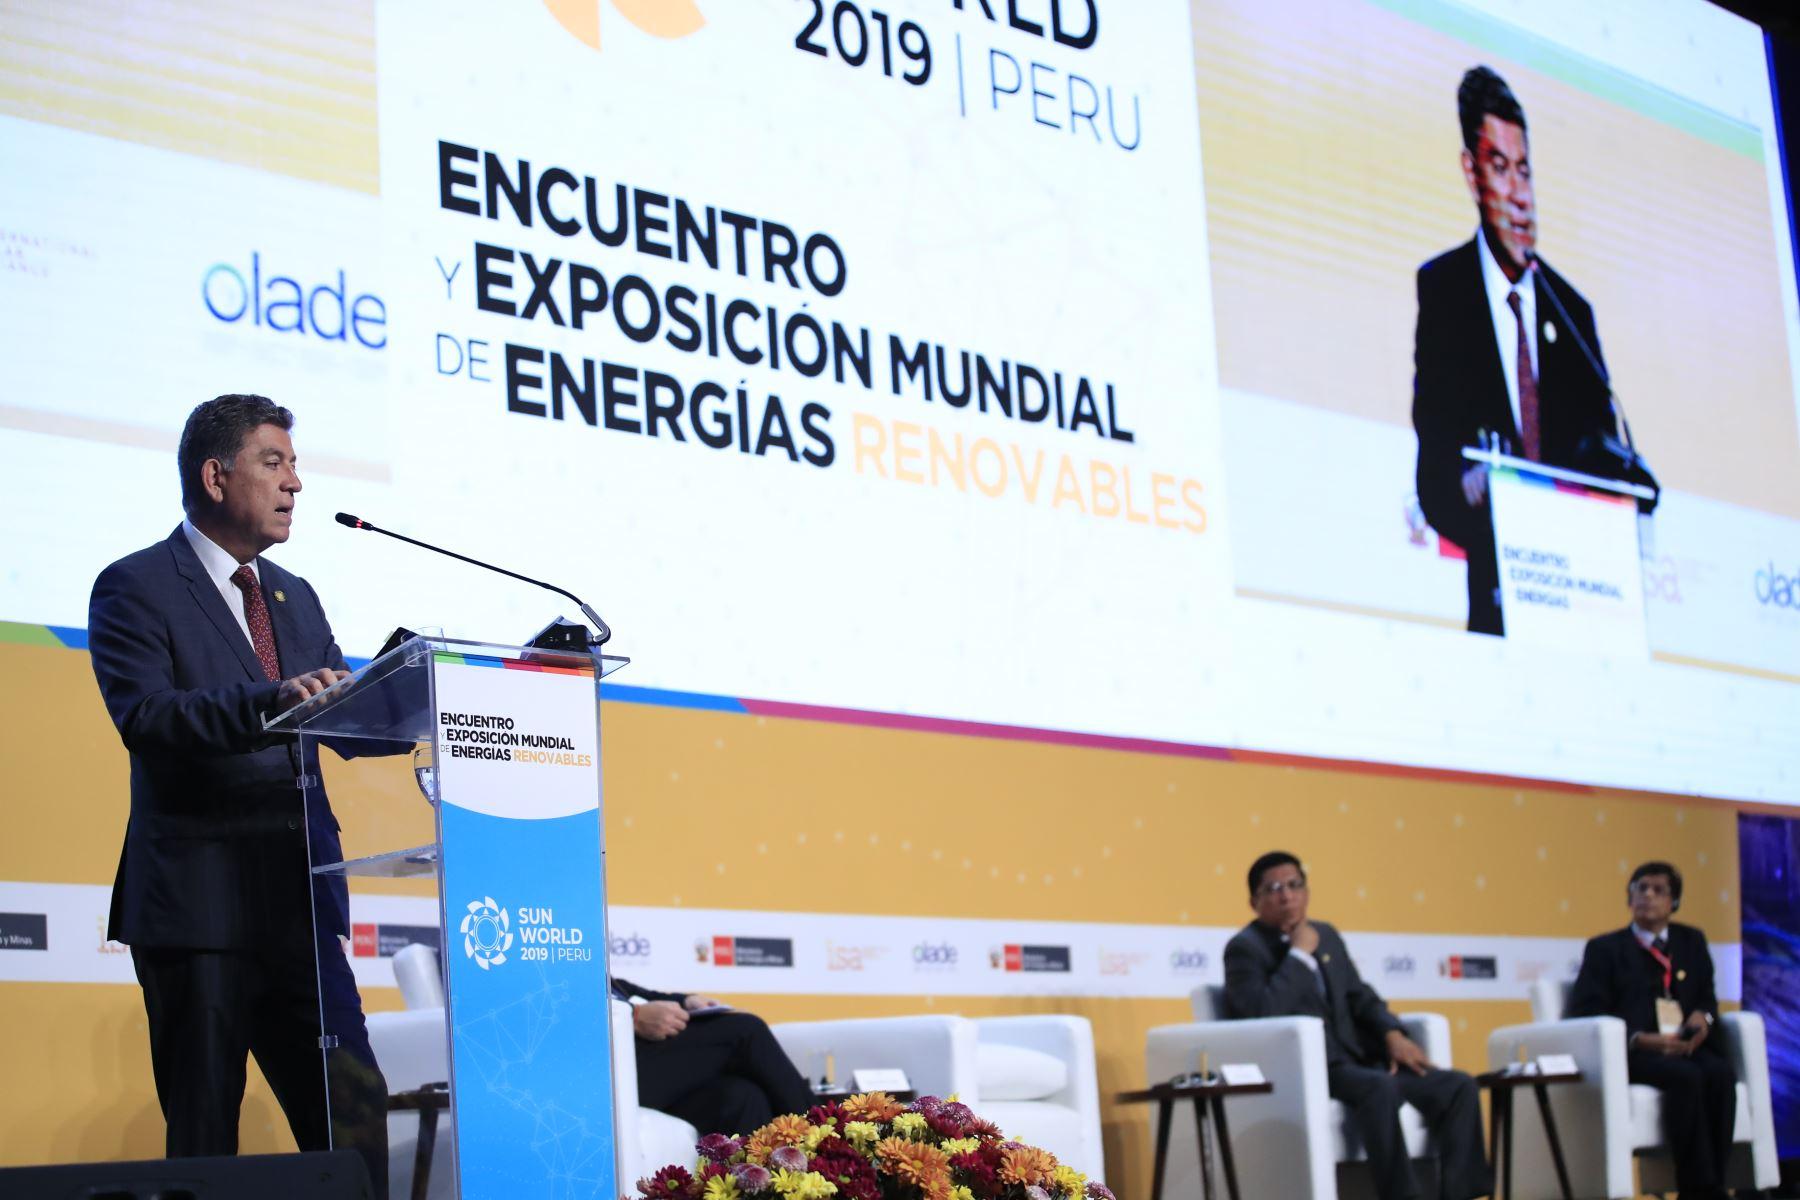 Exposición del Canciller Gustavo Meza-Cuadra durante el Encuentro y Exposición Mundial de Energías Renovables Sun World 2019 en el Centro de Convenciones de Lima.        Foto: Andina/Juan Carlos Guzmán Negrini